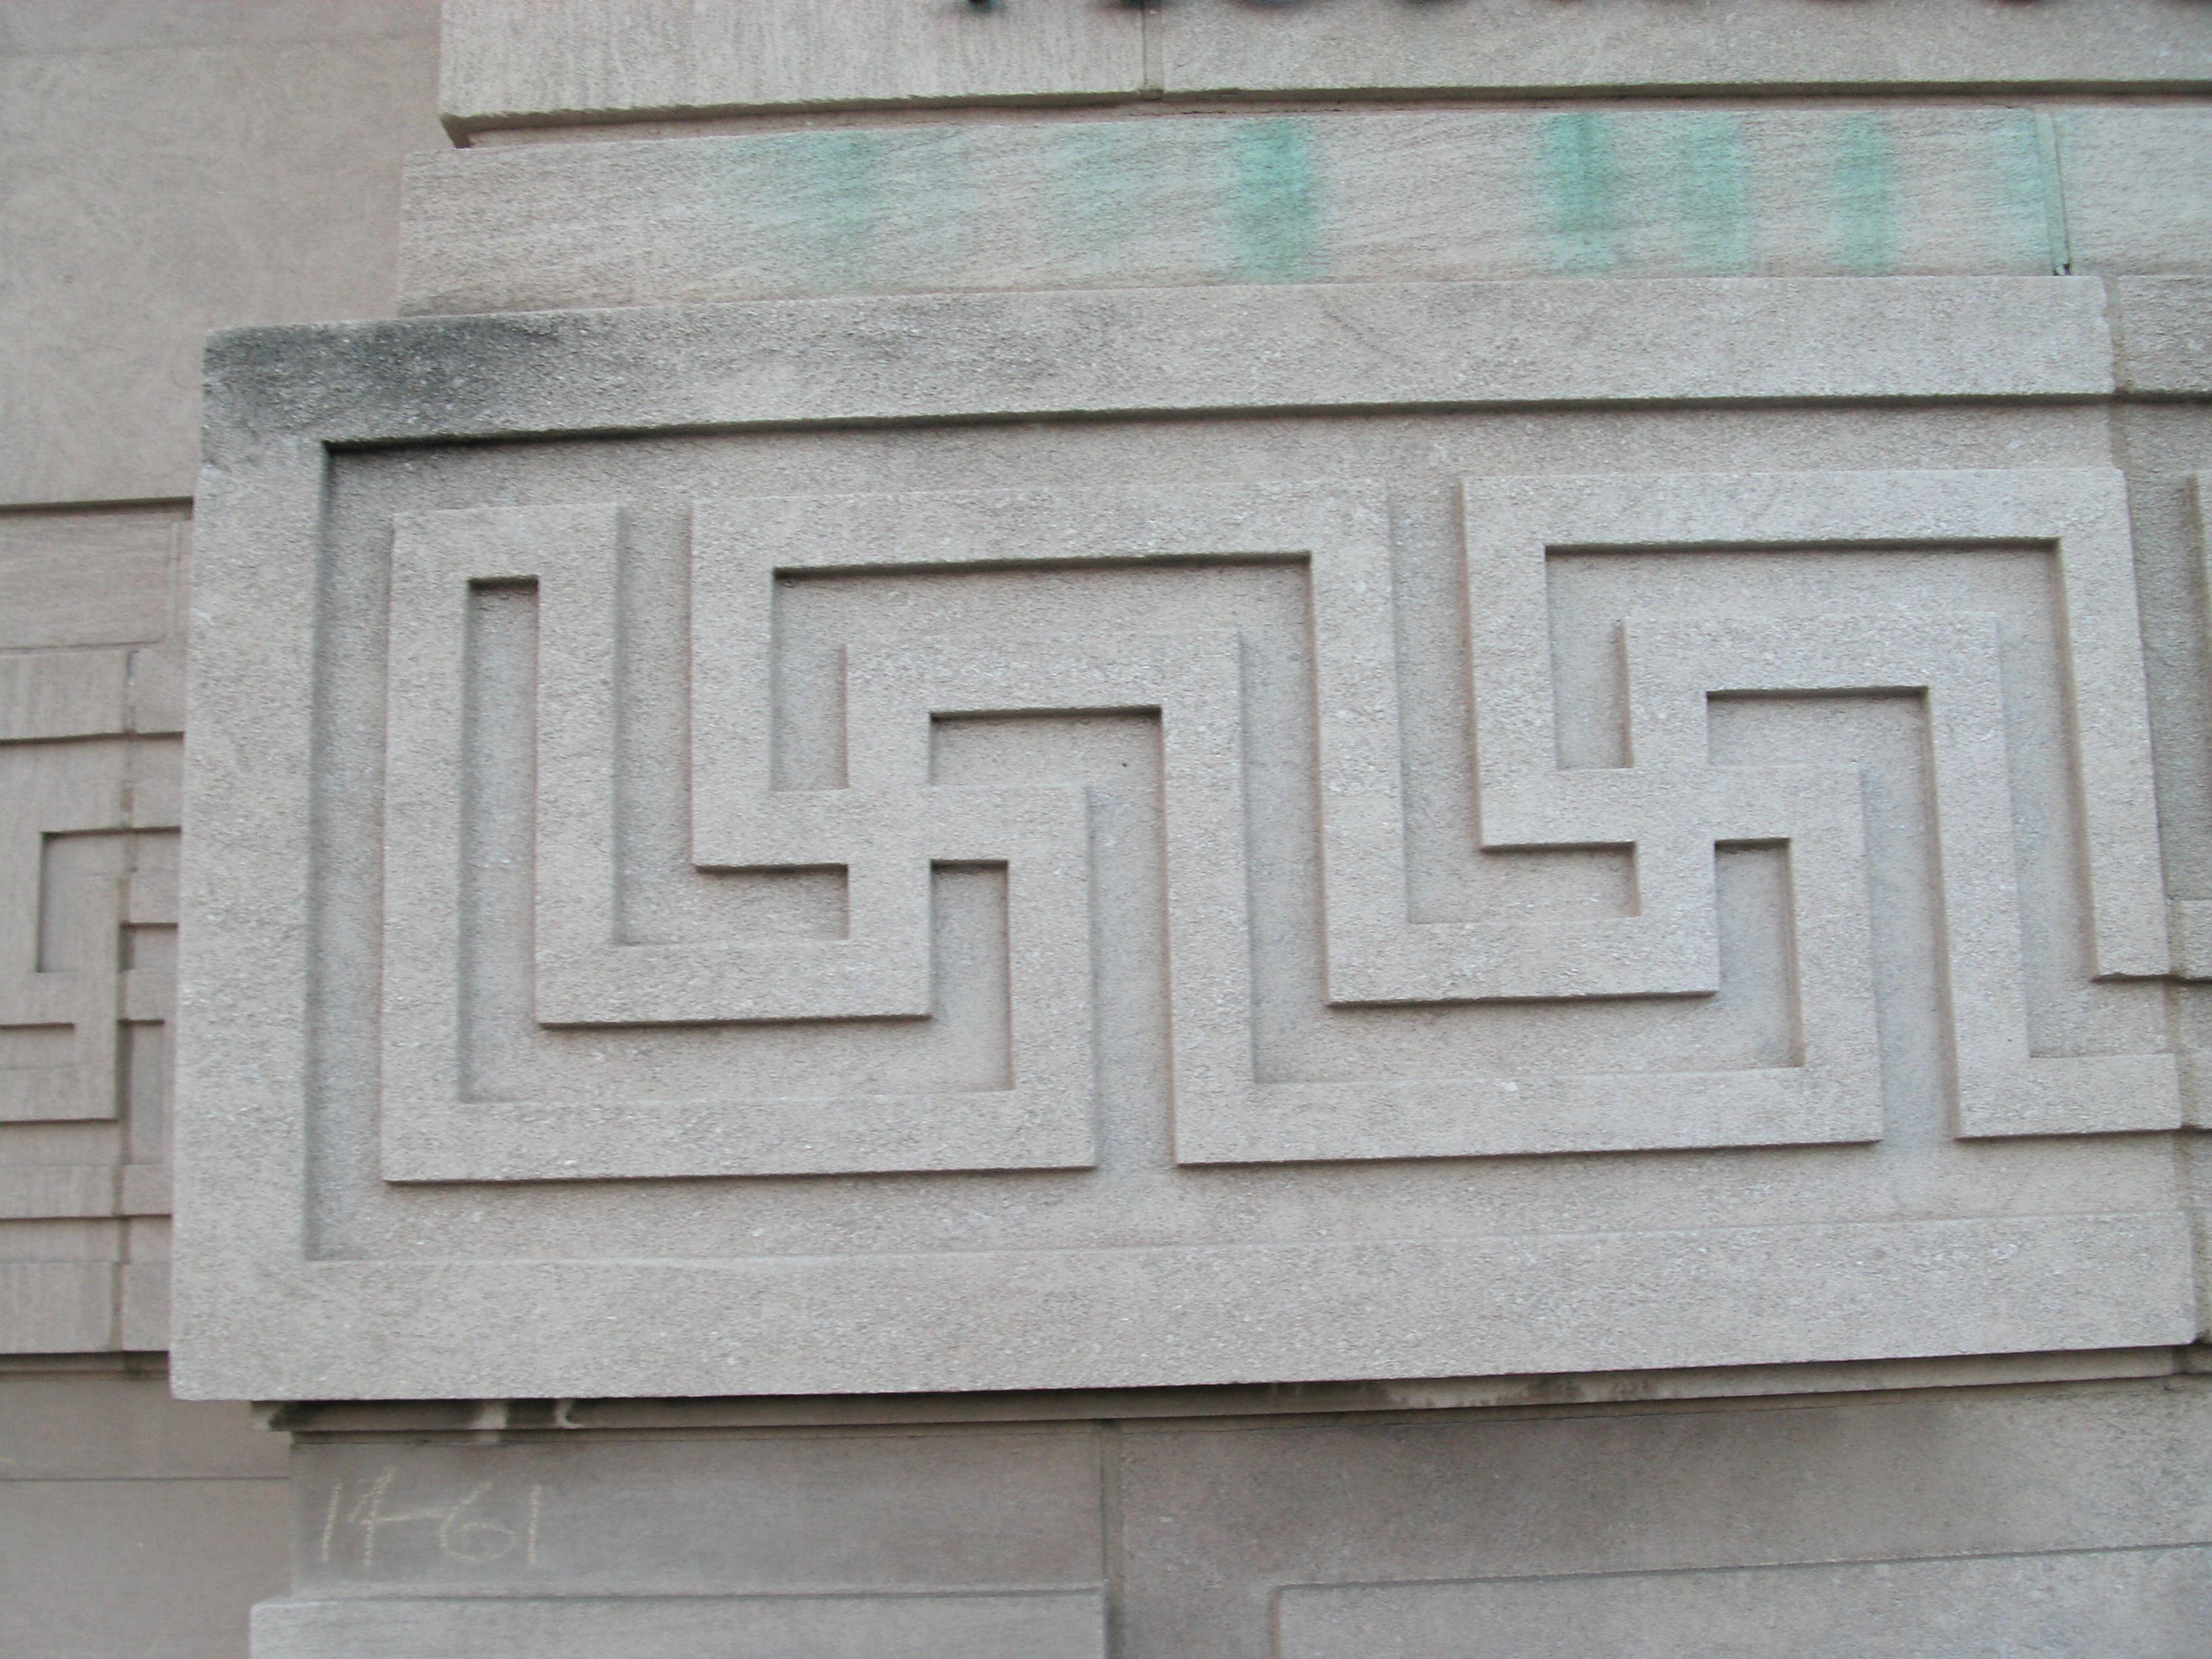 File:Agriculture South Building - Greek Key design.JPG ...